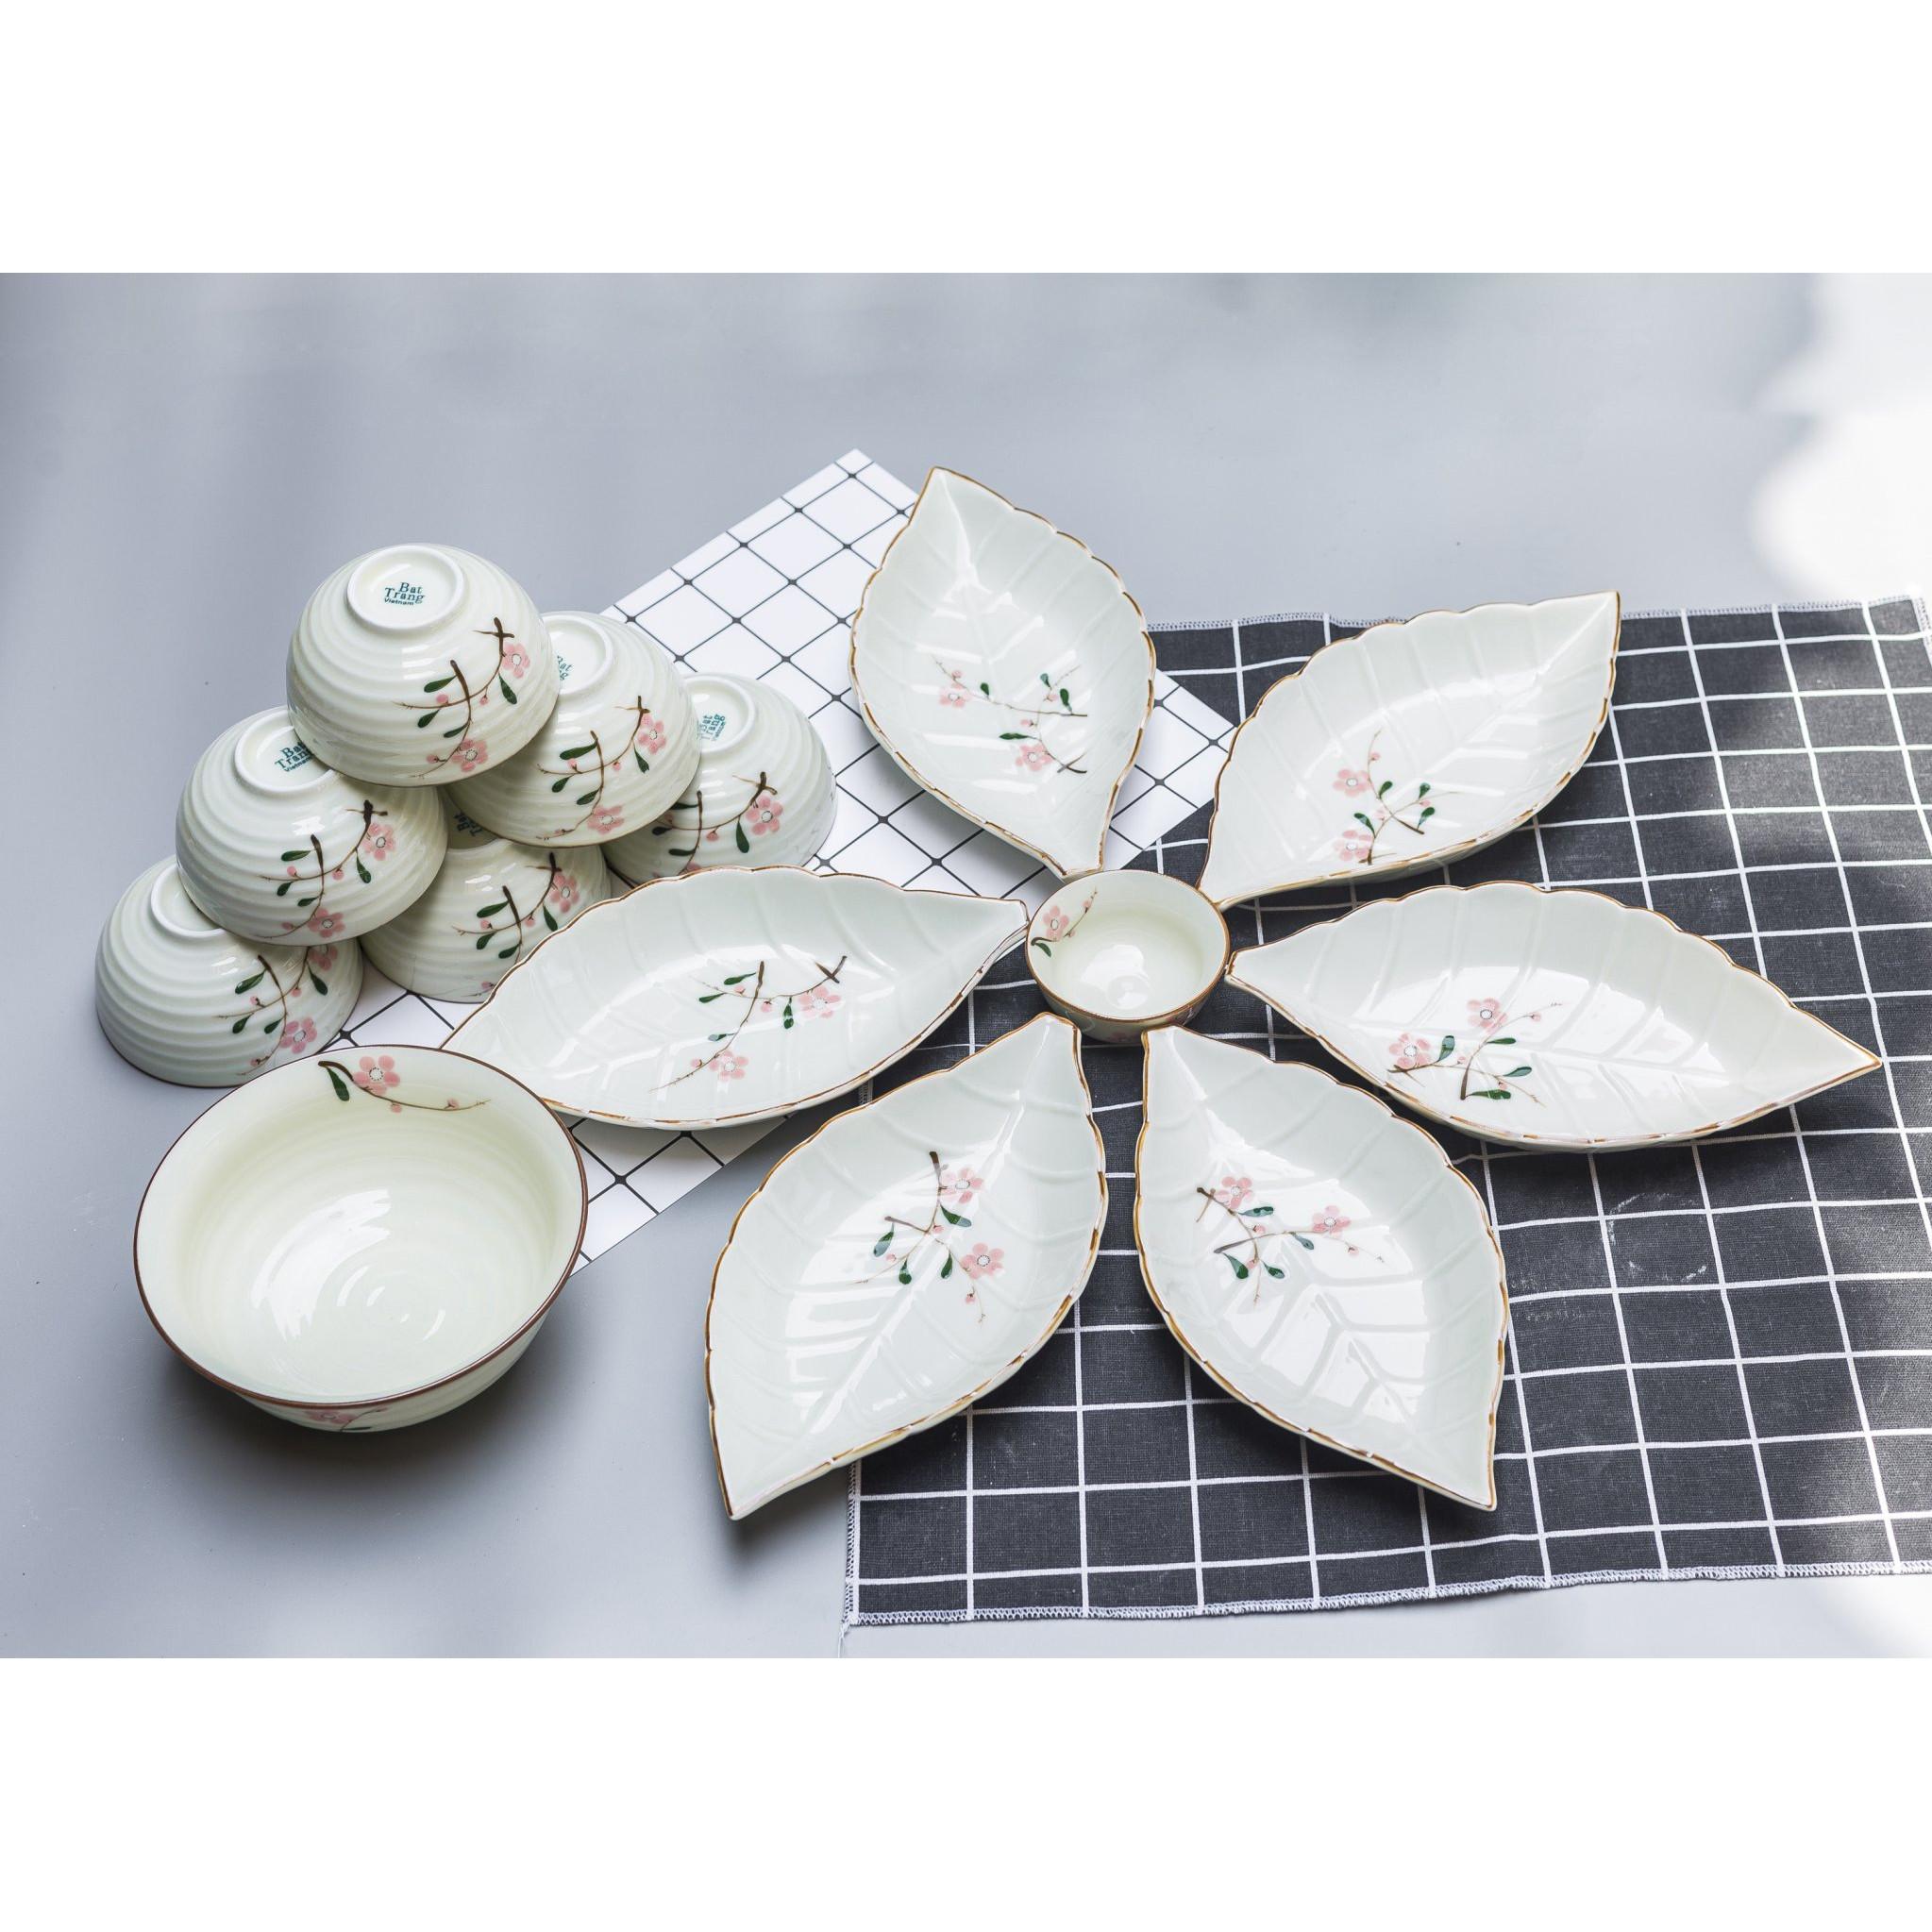 Bộ sản phẩm đồ ăn vẽ hoa đào hồng gốm sứ Bát Tràng( 14 món)